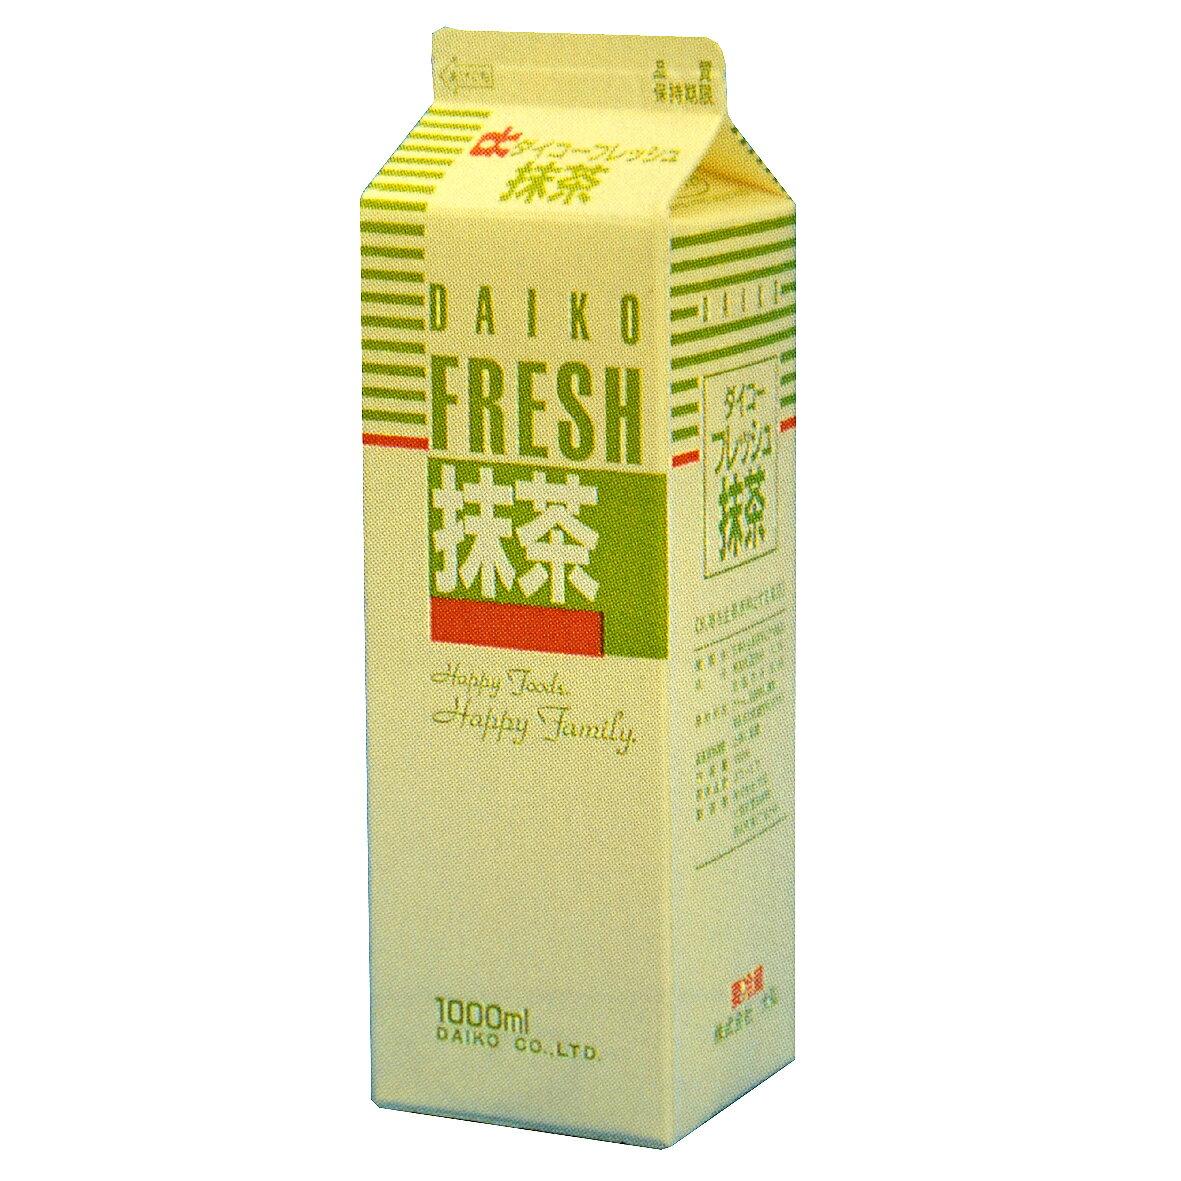 【注文後取り寄せ商品】【生クリーム】ダイコーフレッシュ抹茶(乳脂肪分36%) 1L